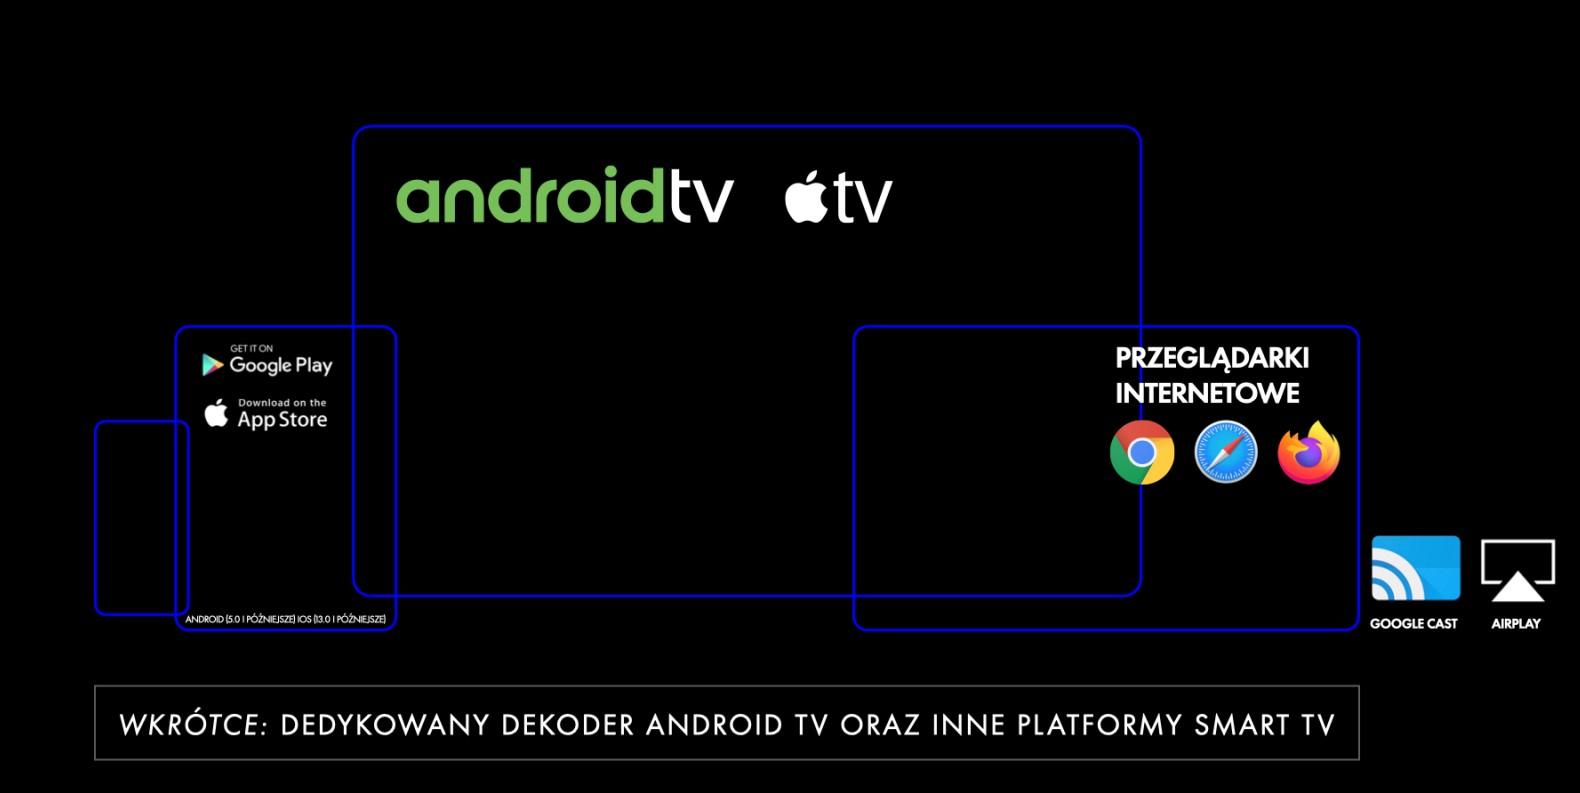 Startuje telewizja internetowa od CANAL+. Podstawa: treści najwyższej jakości